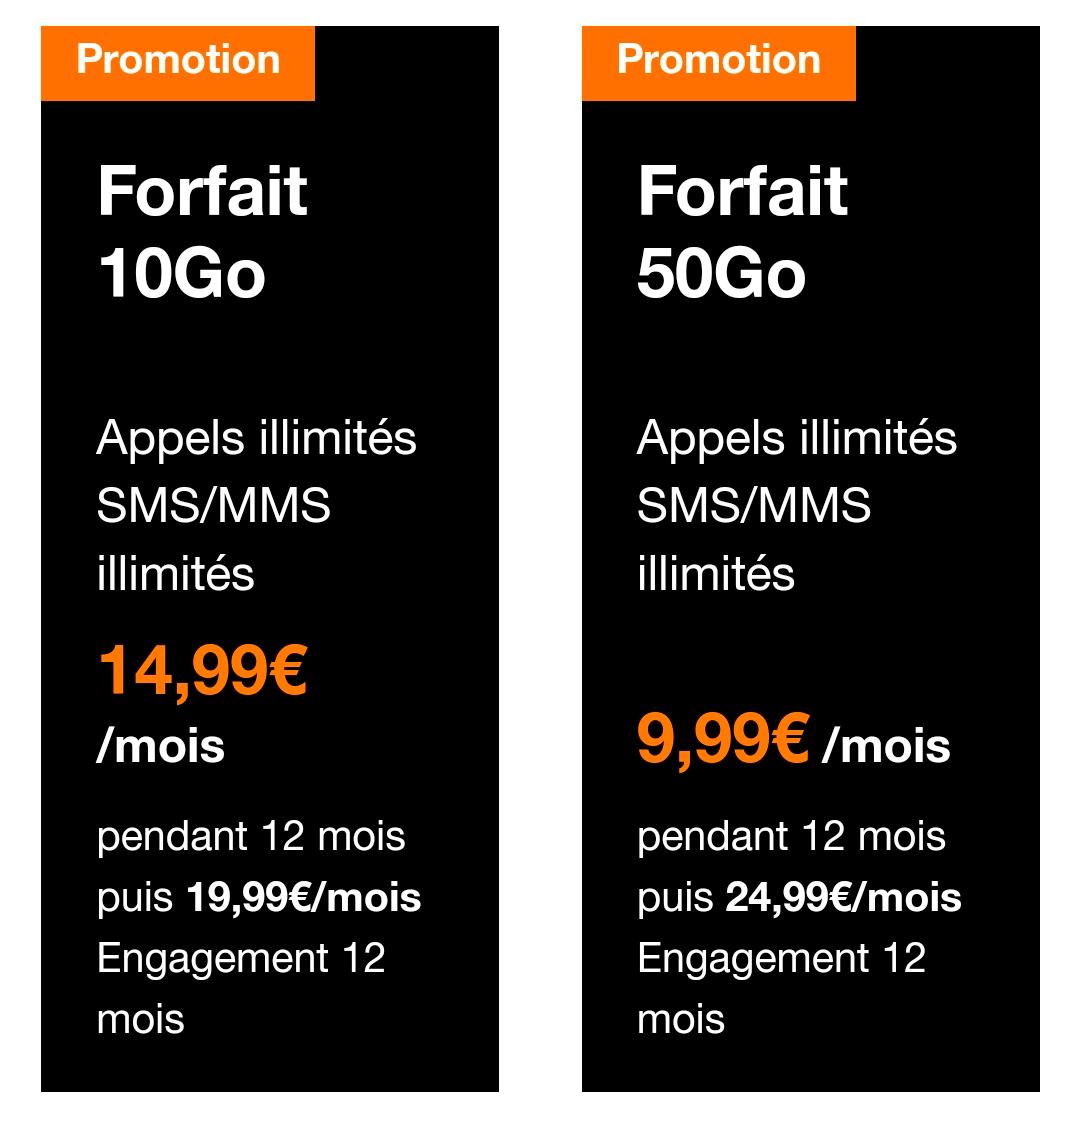 Убийственный мир французских акций: покупаешь тариф, который действует год, а потом надо искать новый. Похоже, что так операторы перегоняют клиентов туда-сюда. По этим тарифам звонки традиционно безлимитные, 10 Гб стоит 15 евро, 50 Гб — 10 евро. Где логика?